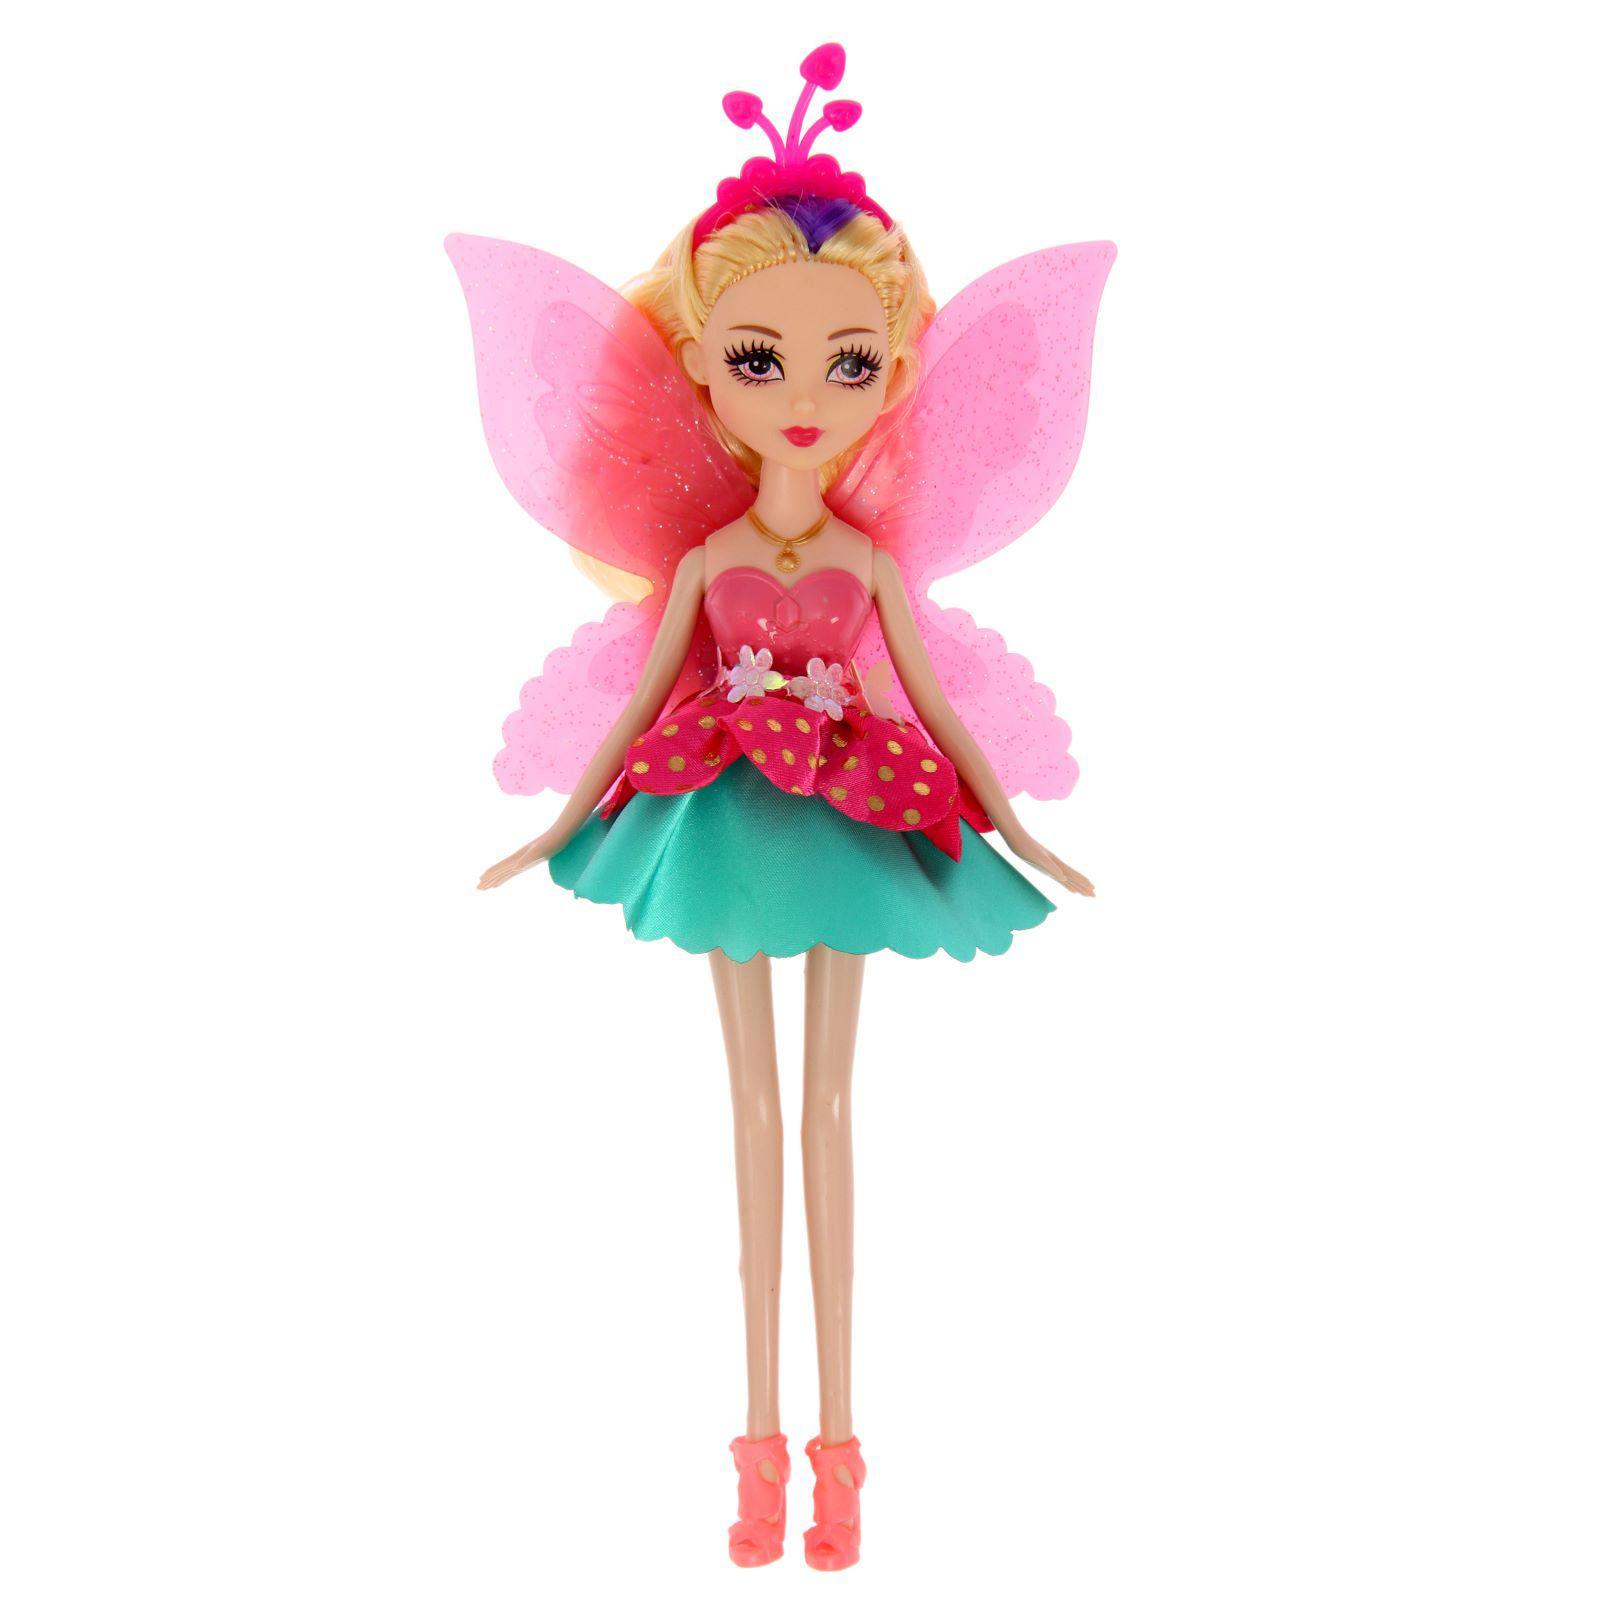 картинки с куклами с крыльями кора это целый